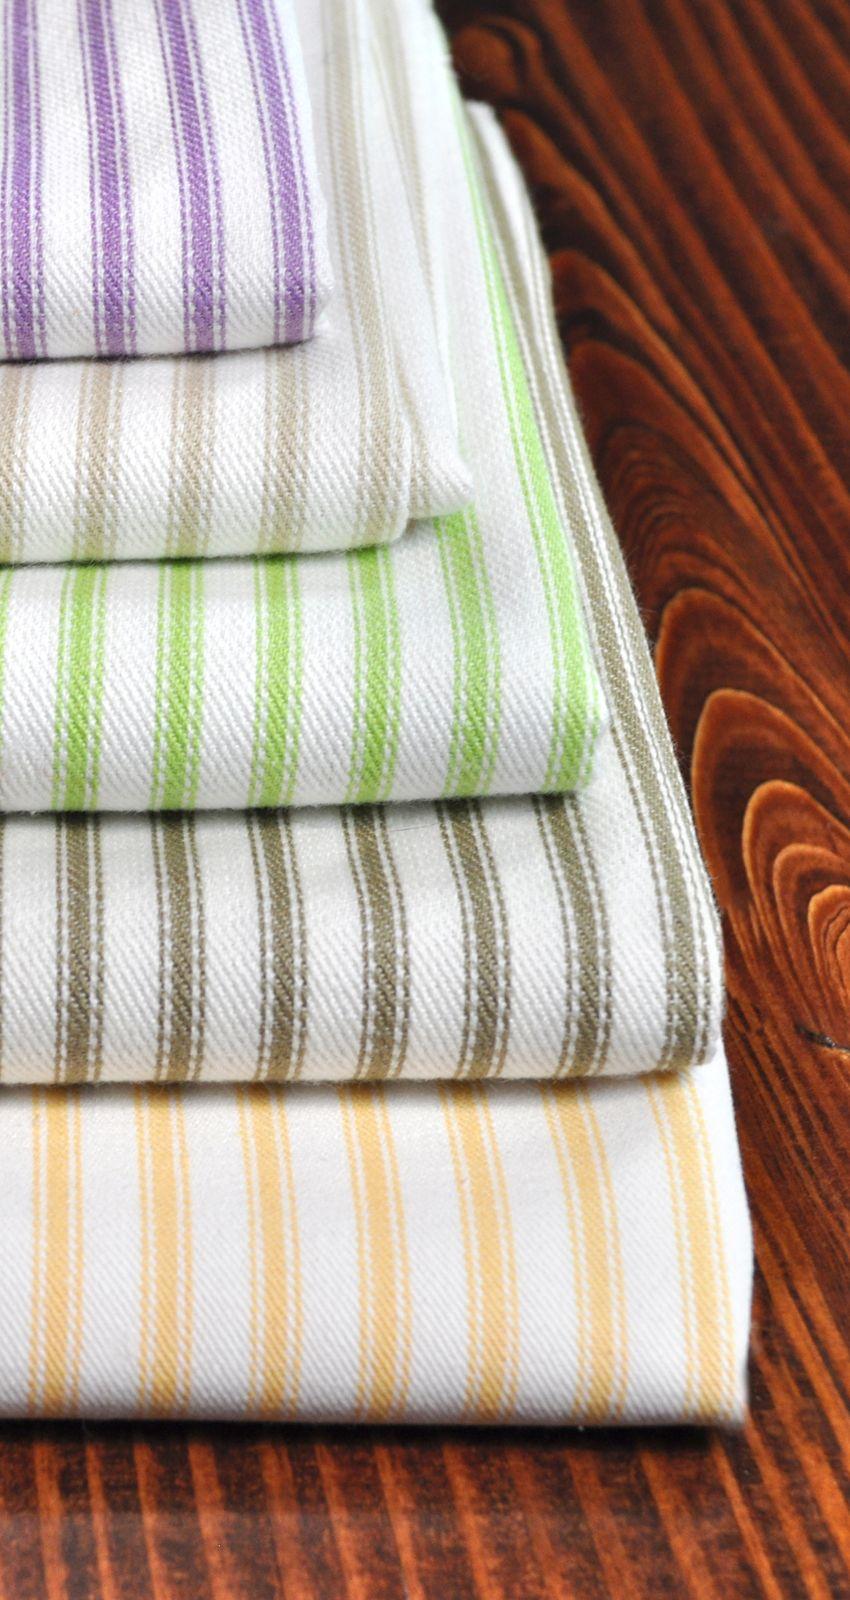 Colorful Covington Ticking fabric